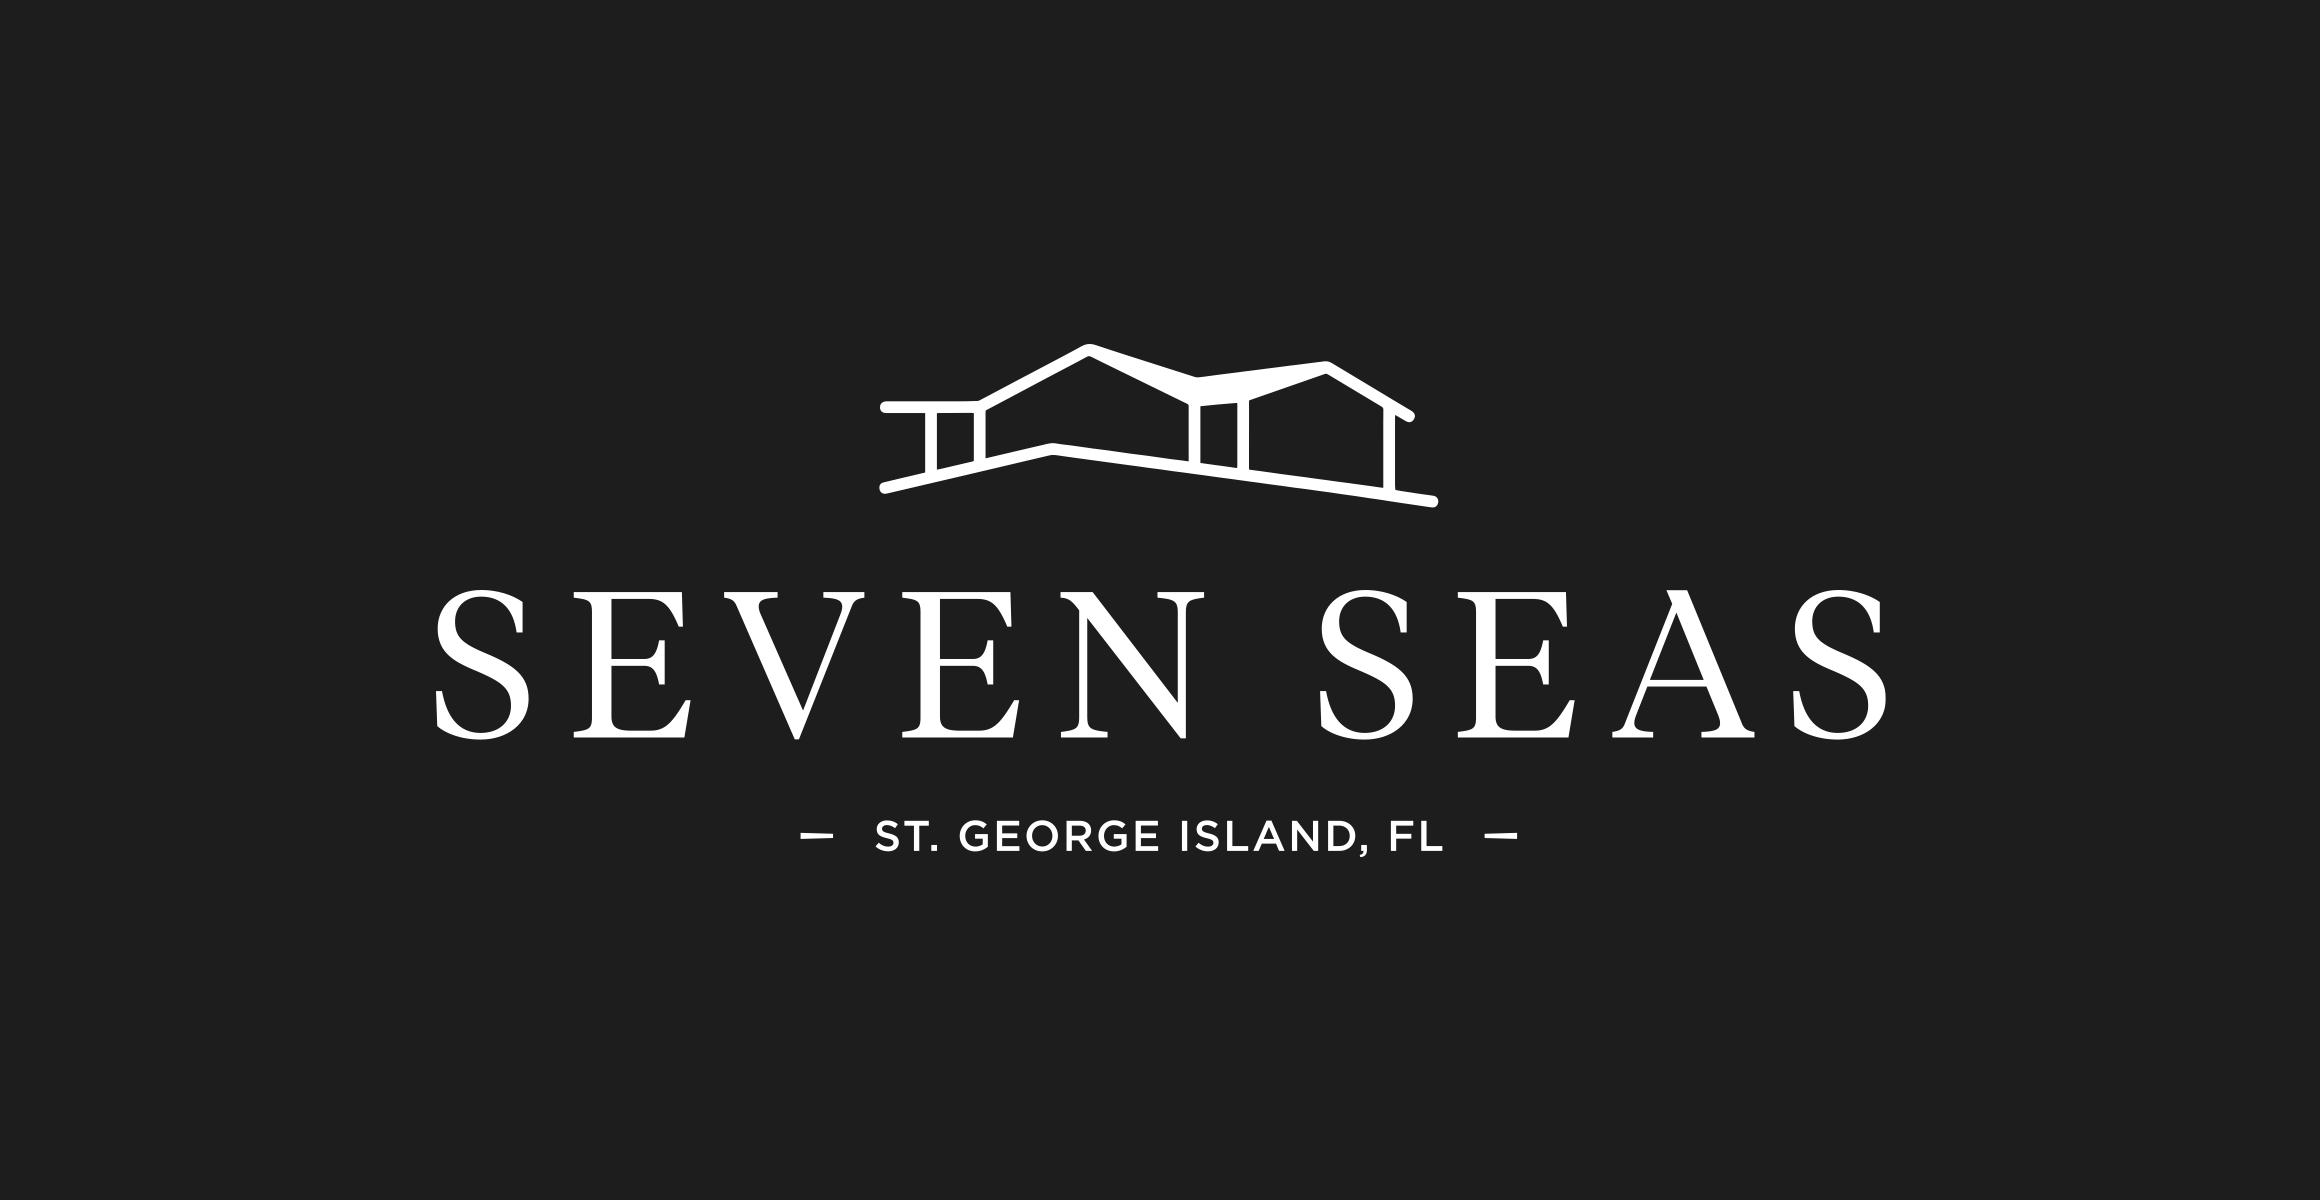 sevenseas-logo